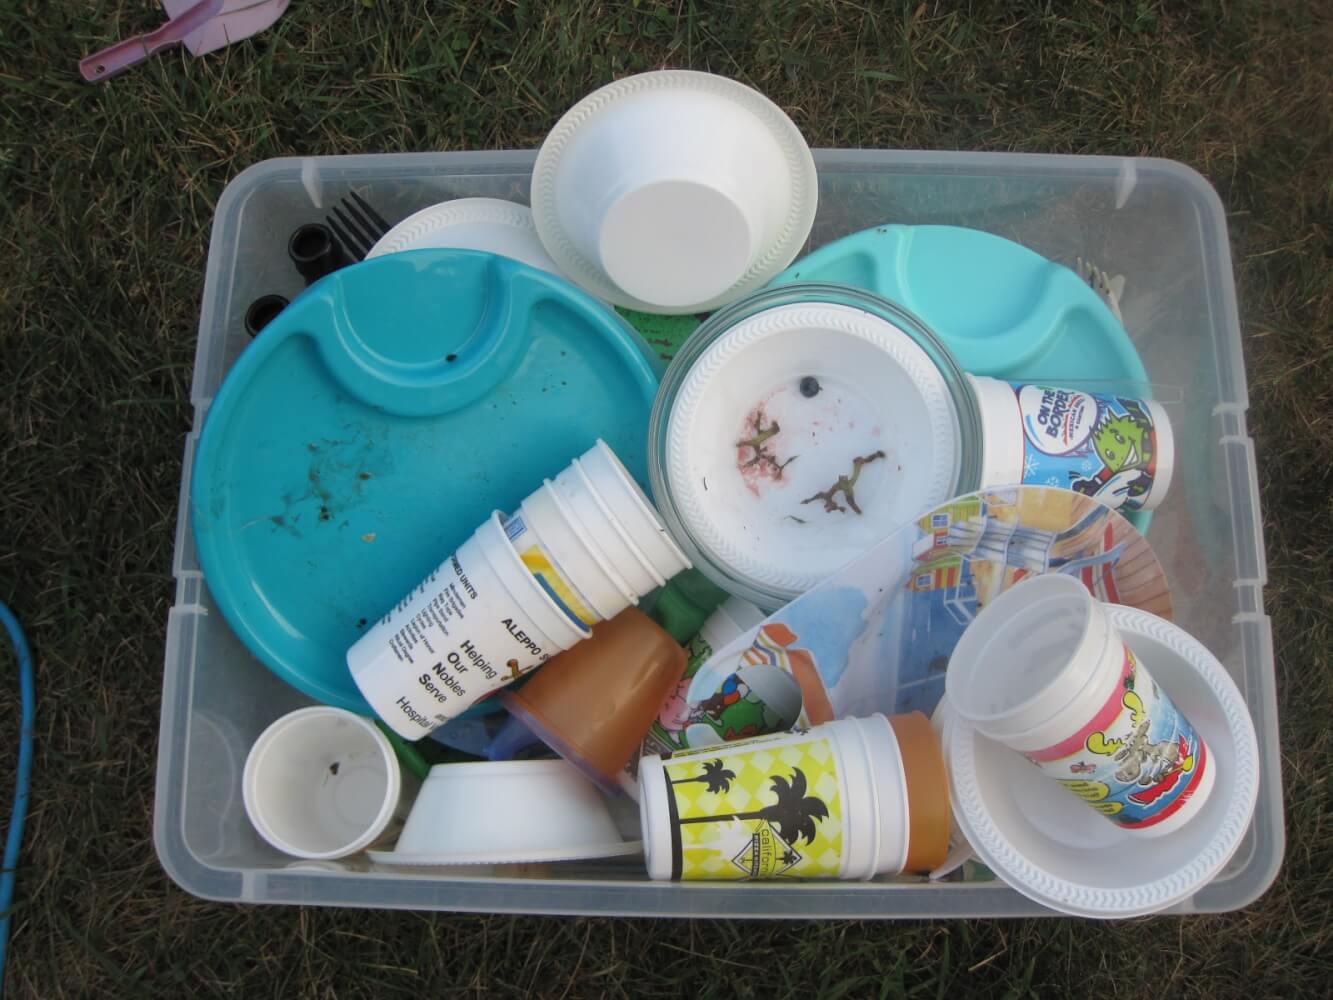 Otroška praznovanja brez odvečne plastike